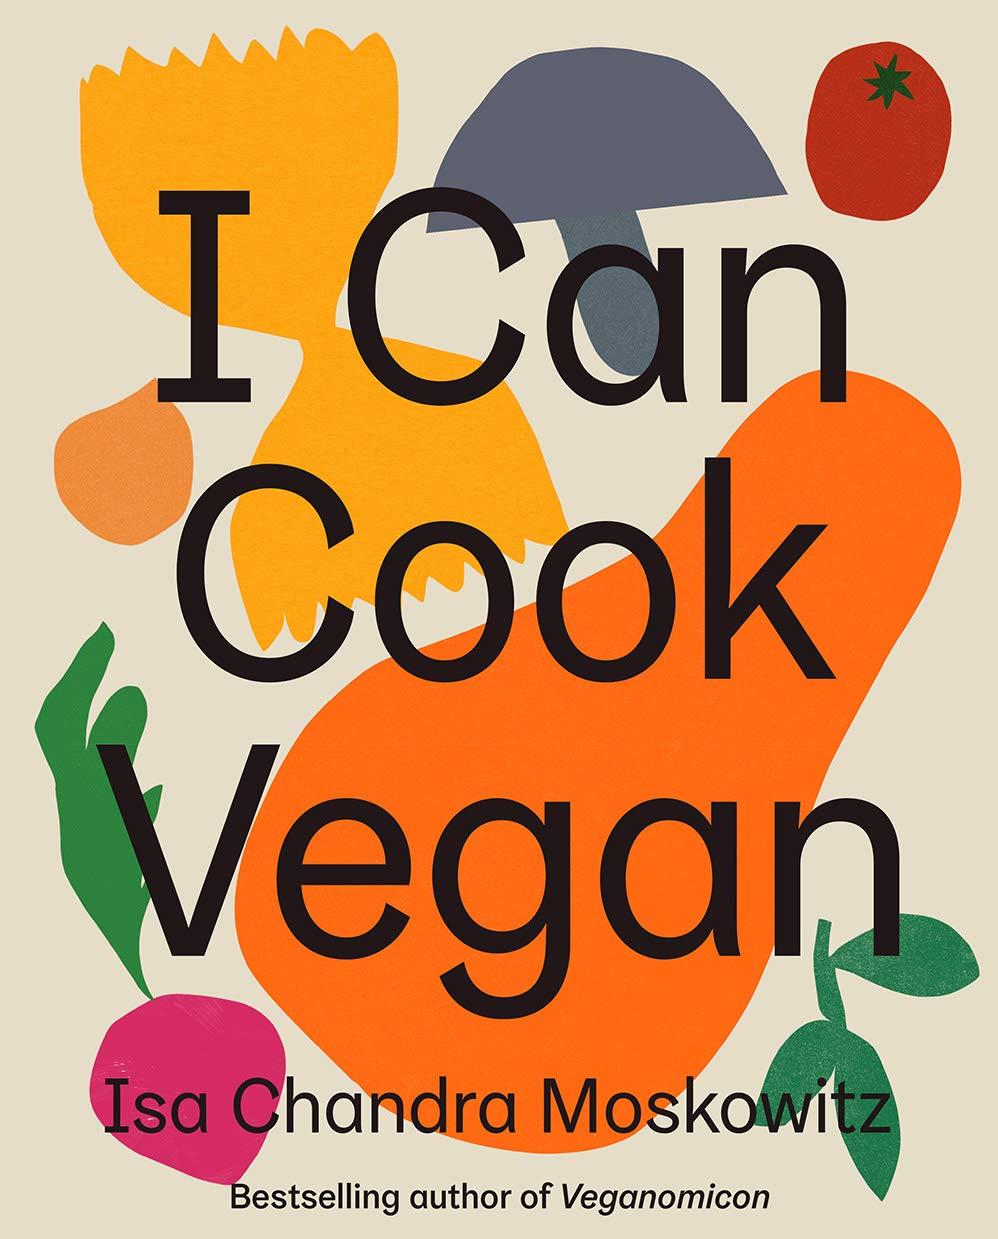 Recettes végétariennes, végétaliennes, sans gluten et tout le toutim - Page 18 61lta210